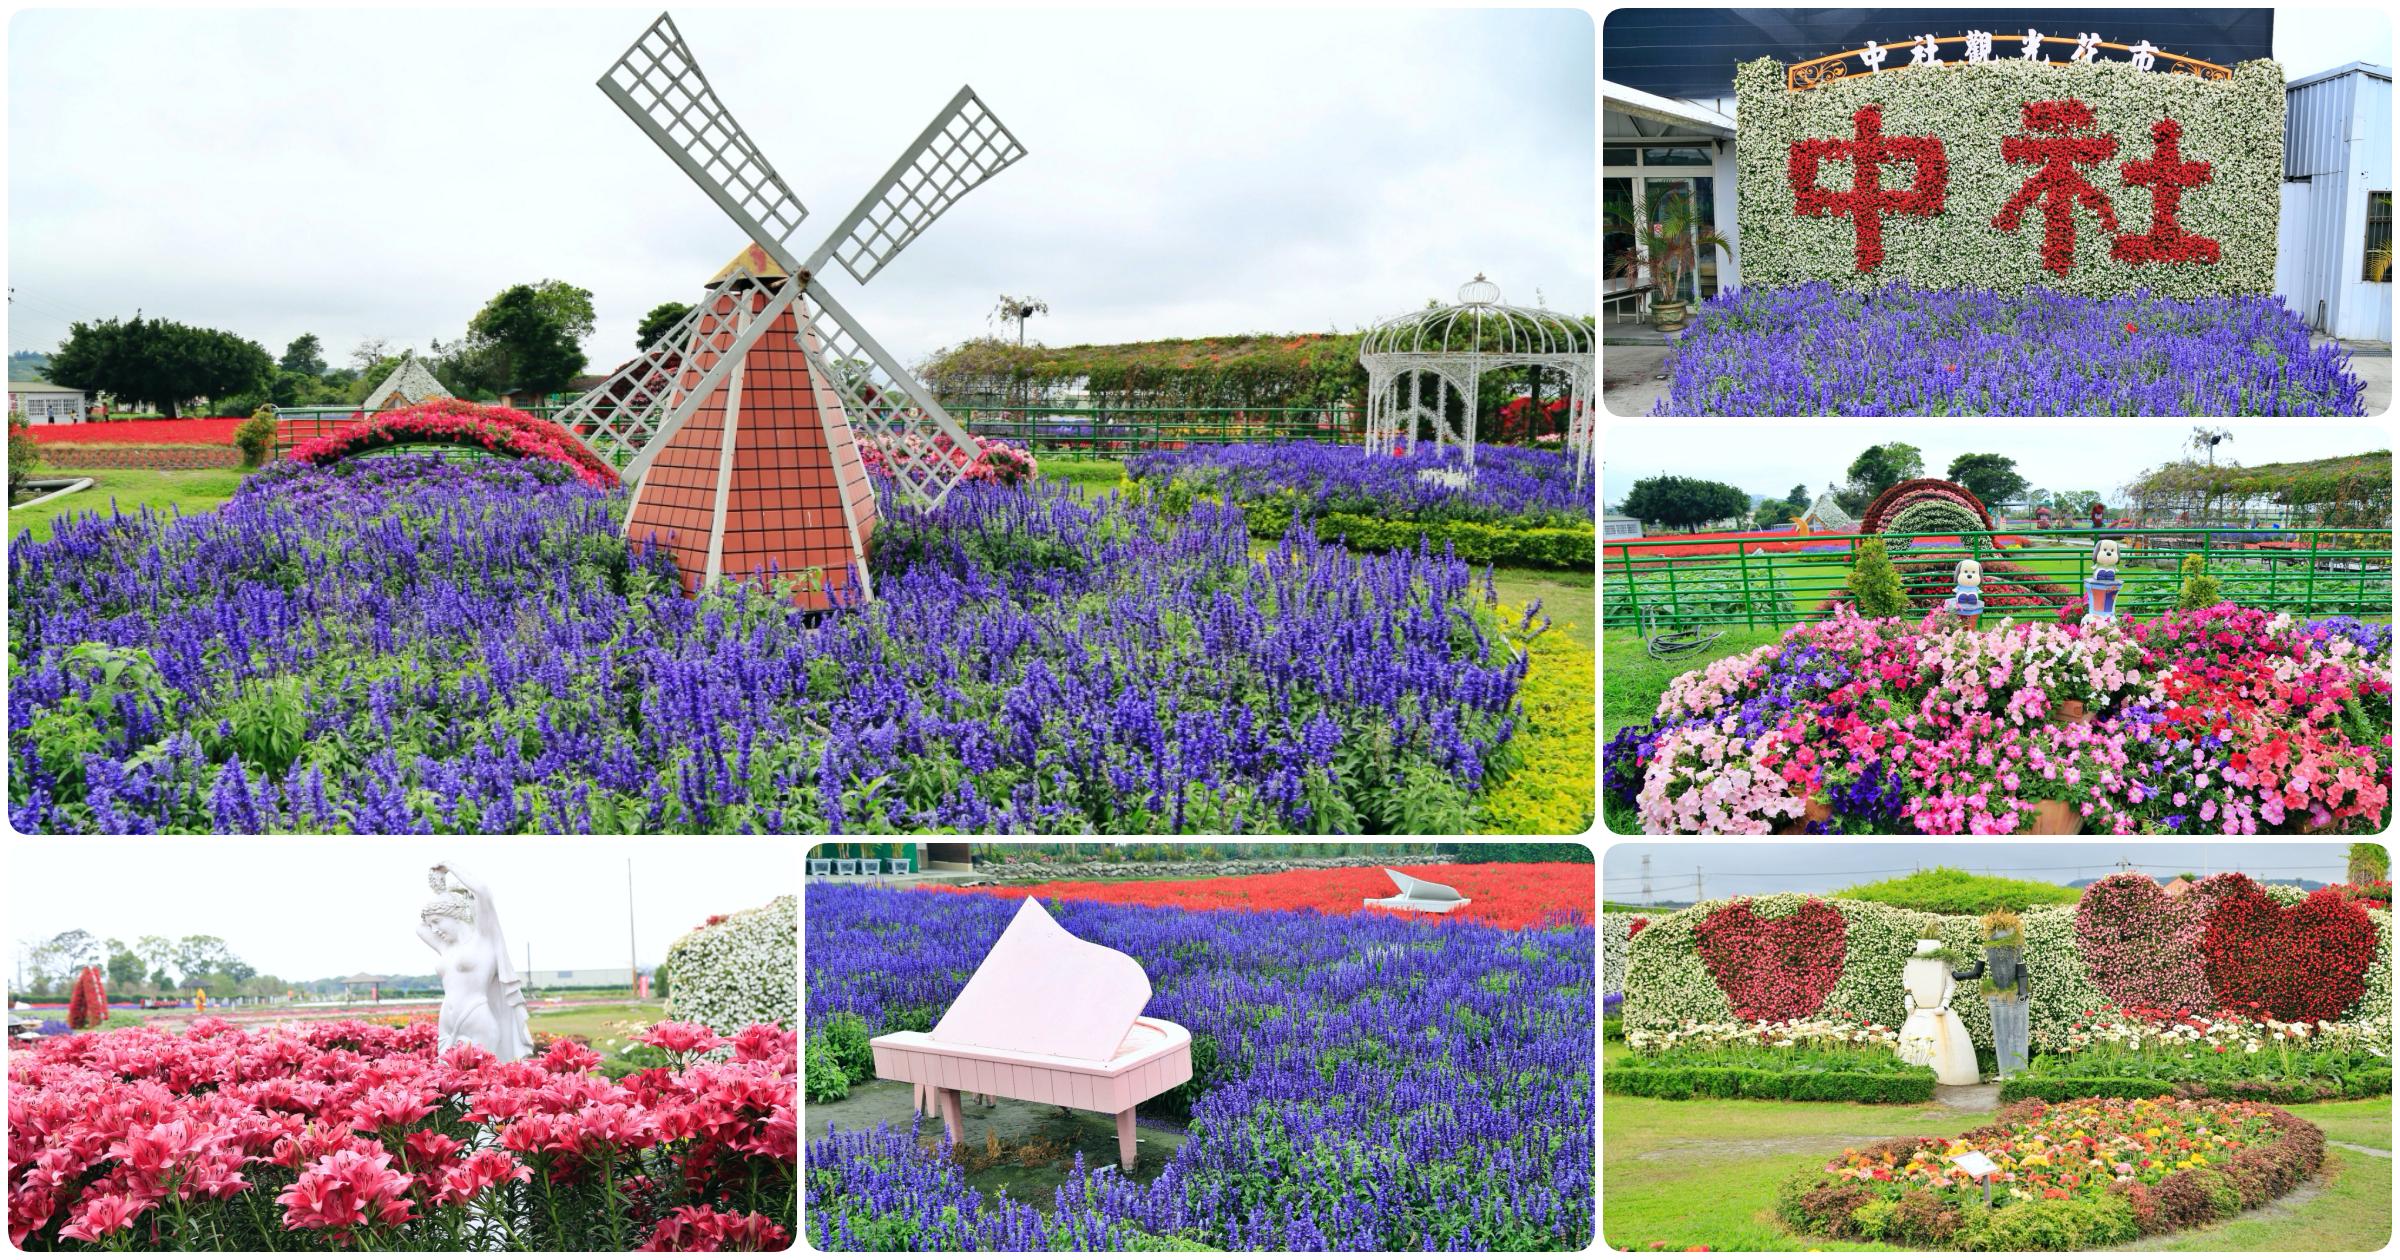 最新推播訊息:[台中旅遊]中社觀光花市花海|歐式花園造景~一年四季會有不同的花朵盛開.很適合拍照的景點